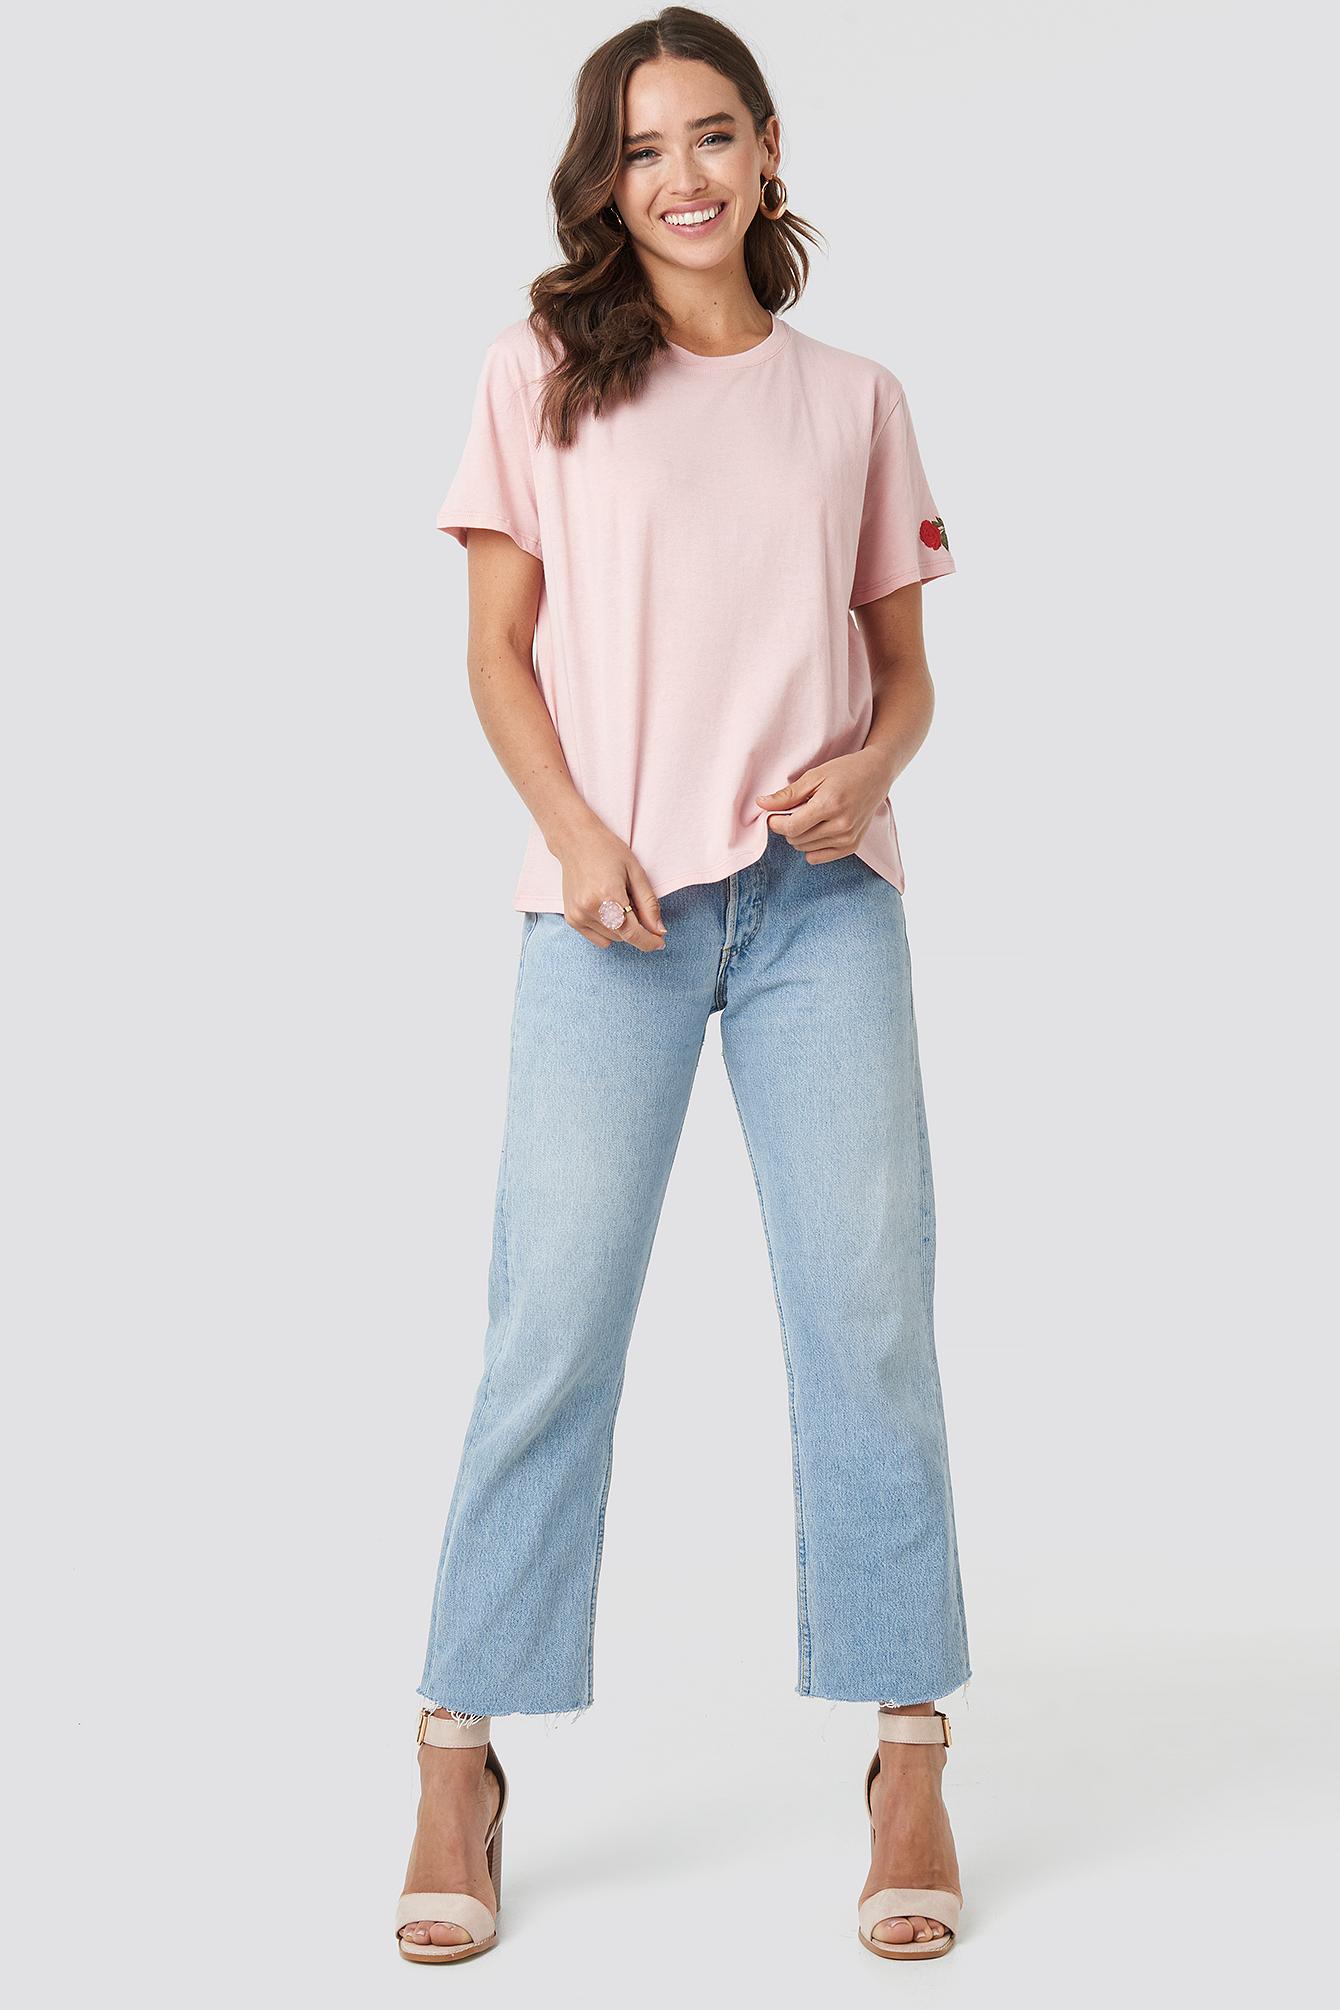 T-shirt Rose Sleeve Embroidery NA-KD.COM